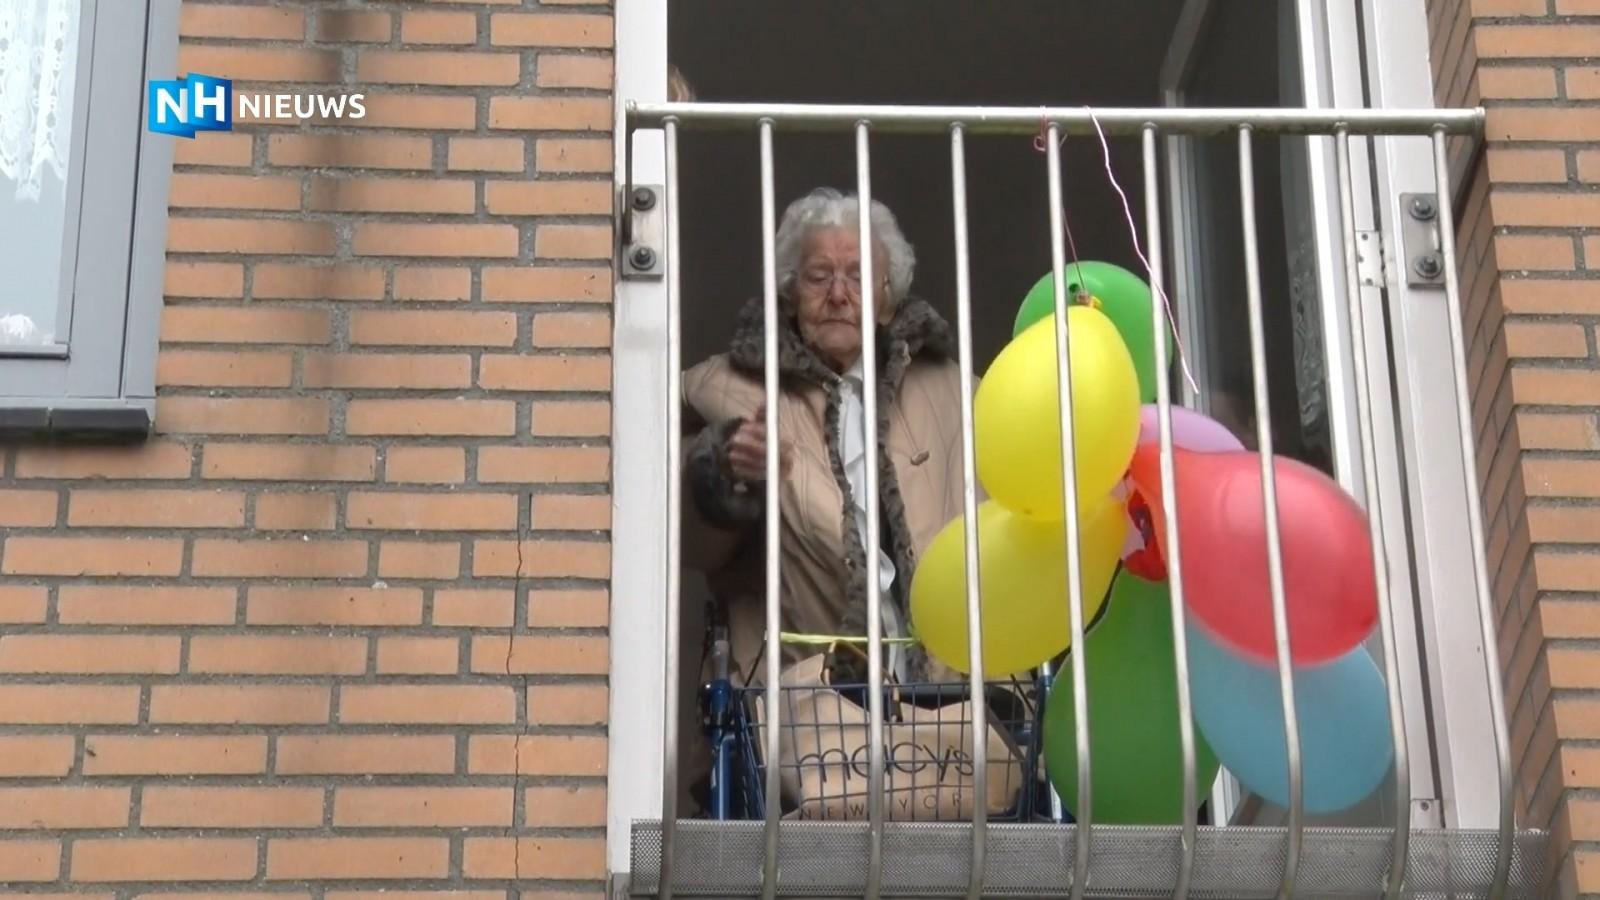 Weespse honderd jaar, maar moet haar verjaardag op het balkon vieren